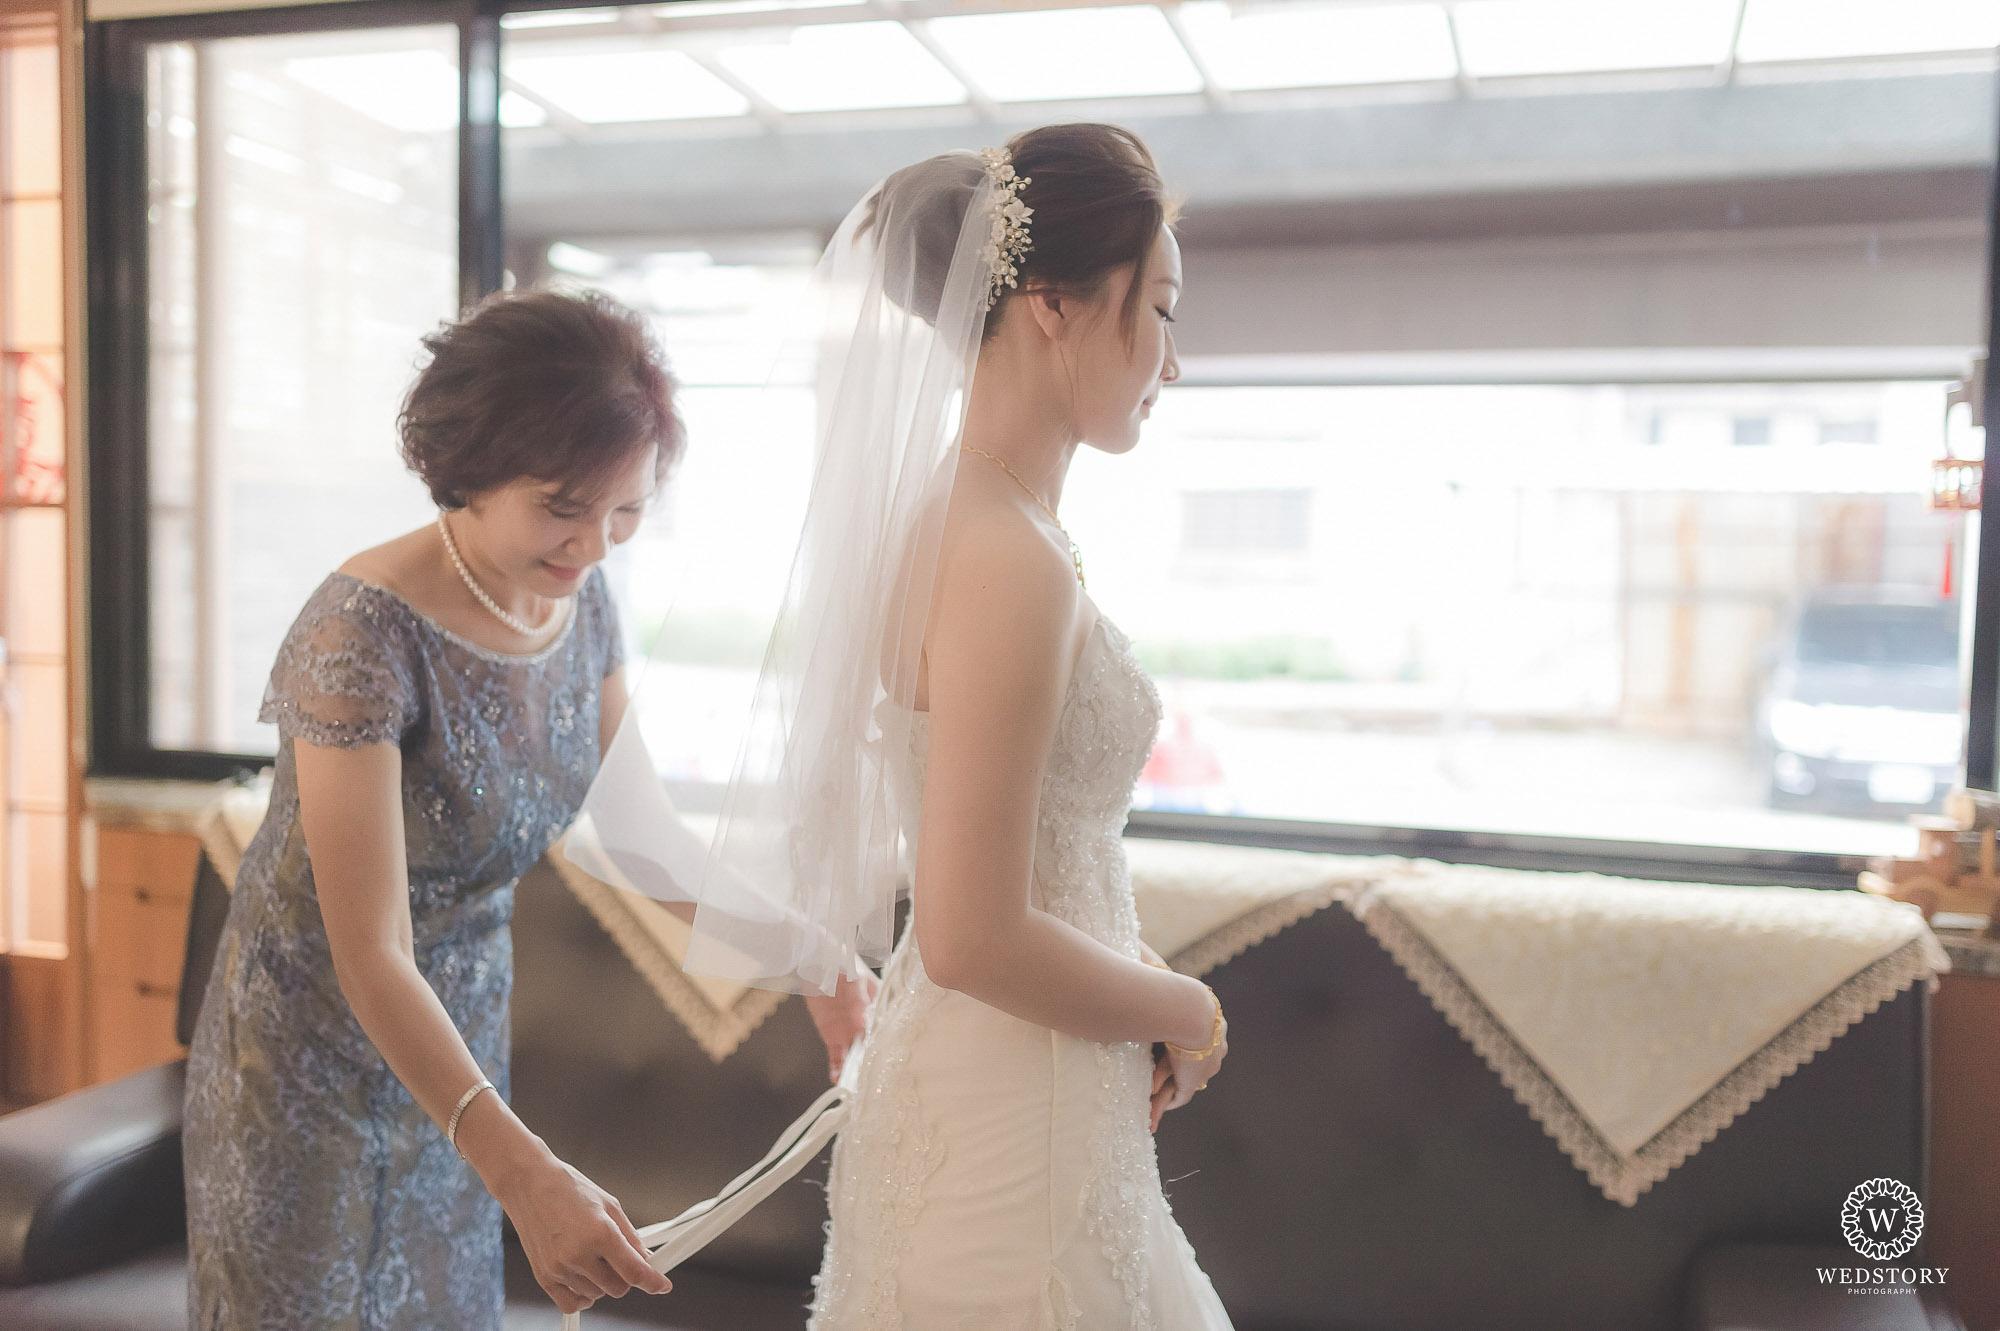 台北國賓飯店婚攝03,國際廳,台北婚攝推薦,婚禮攝影,婚禮紀錄